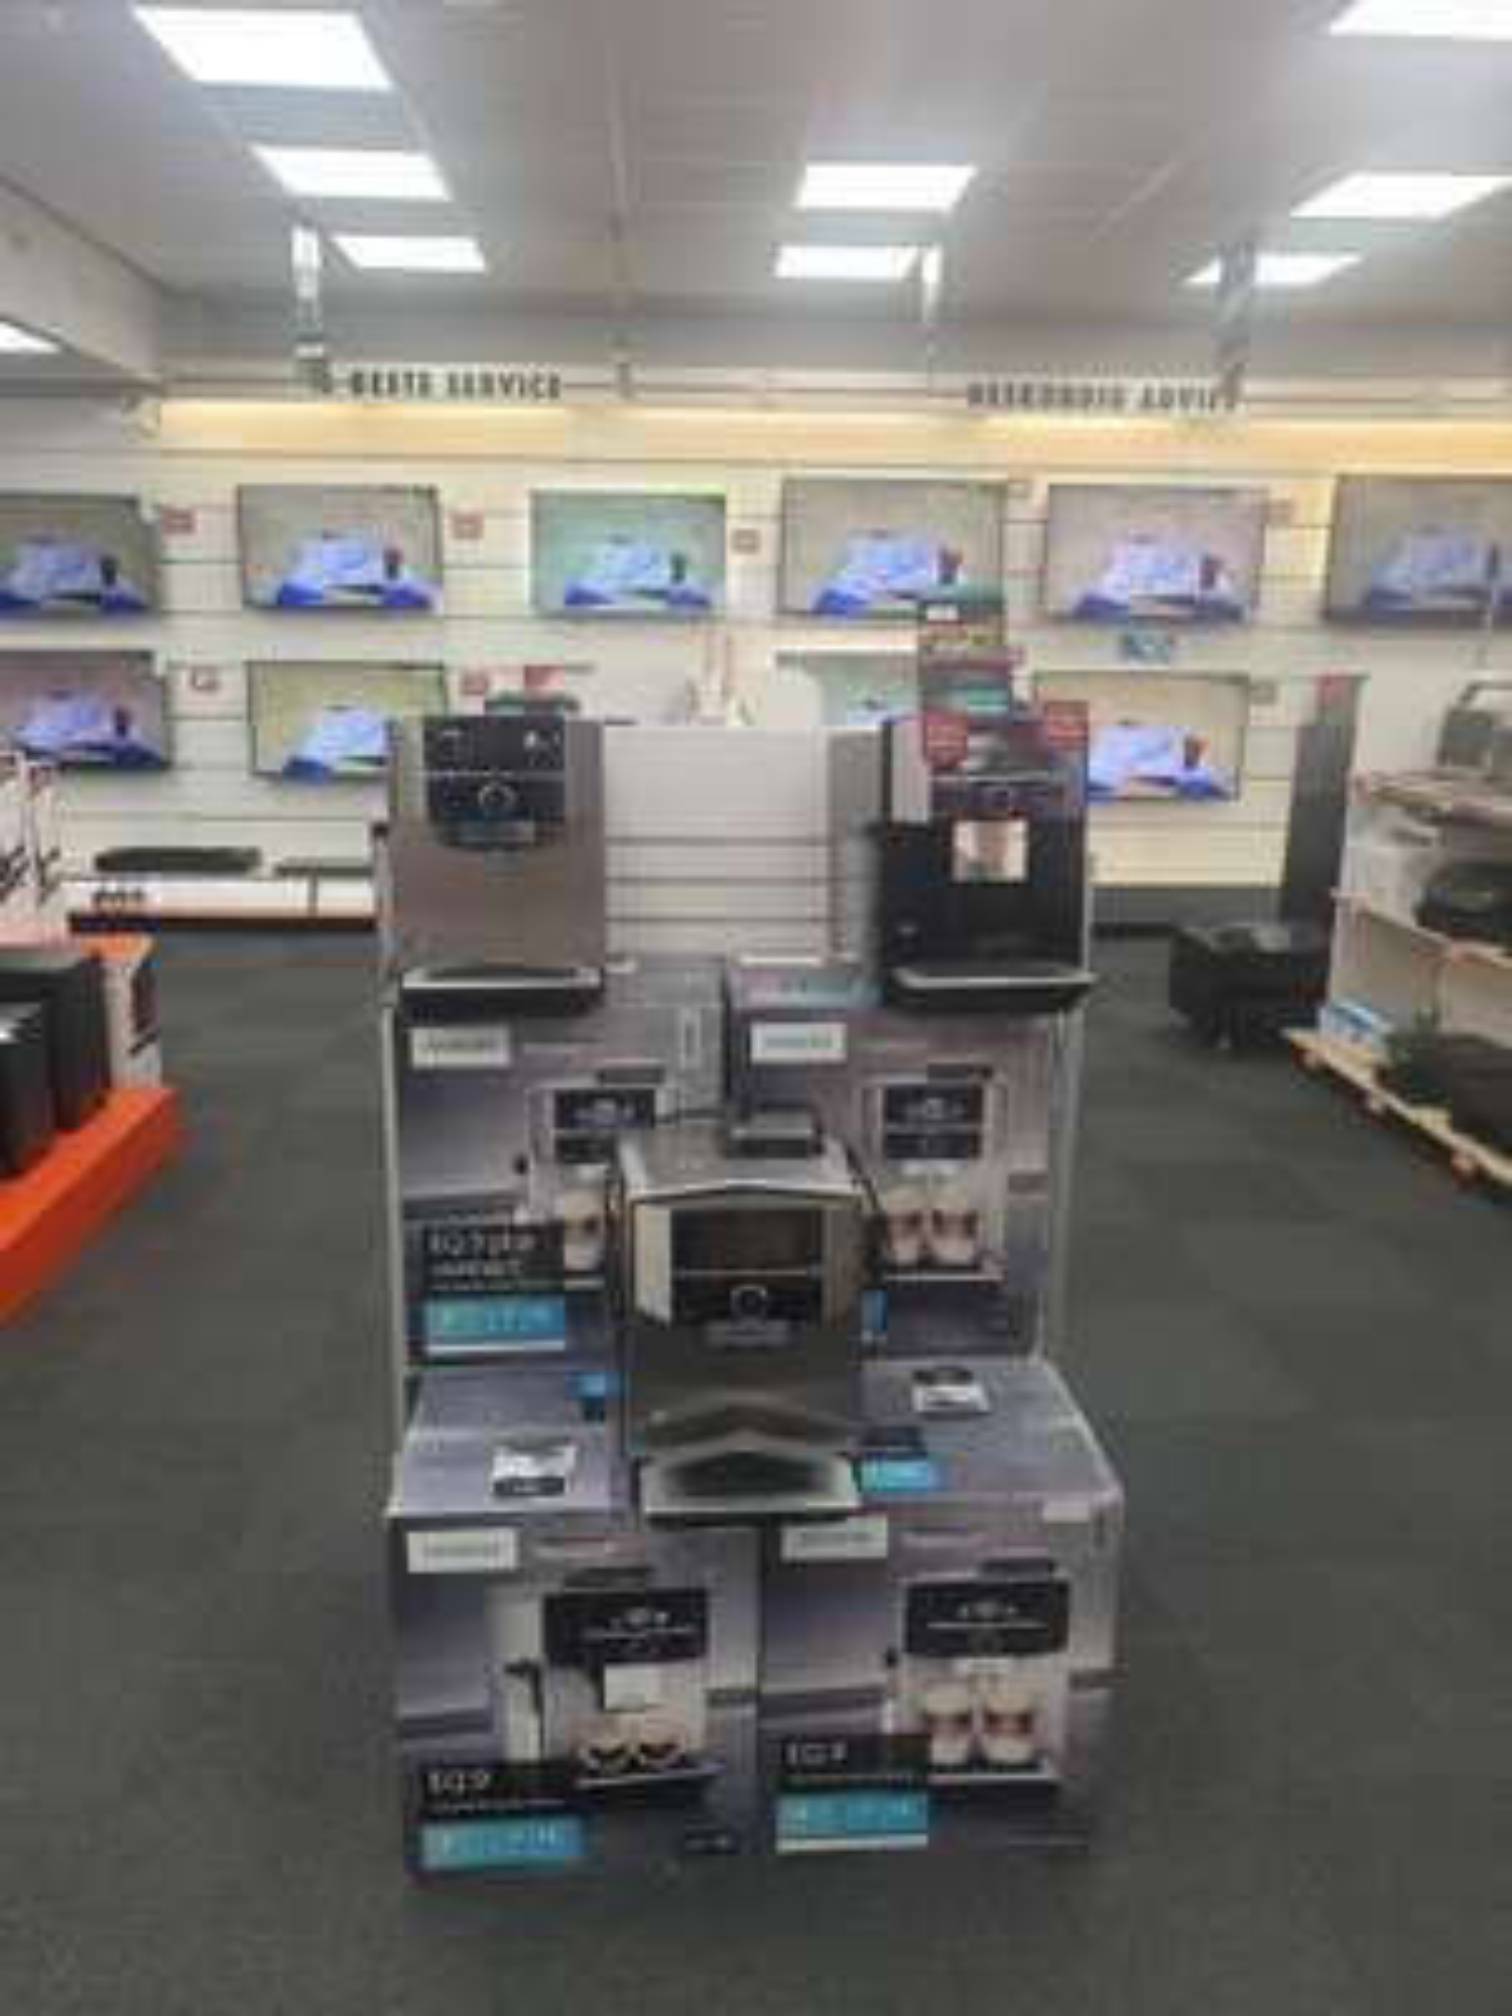 LOKAAL Siemens EQ.9 S300 699€ & S500 849€ bij Expert Lochem